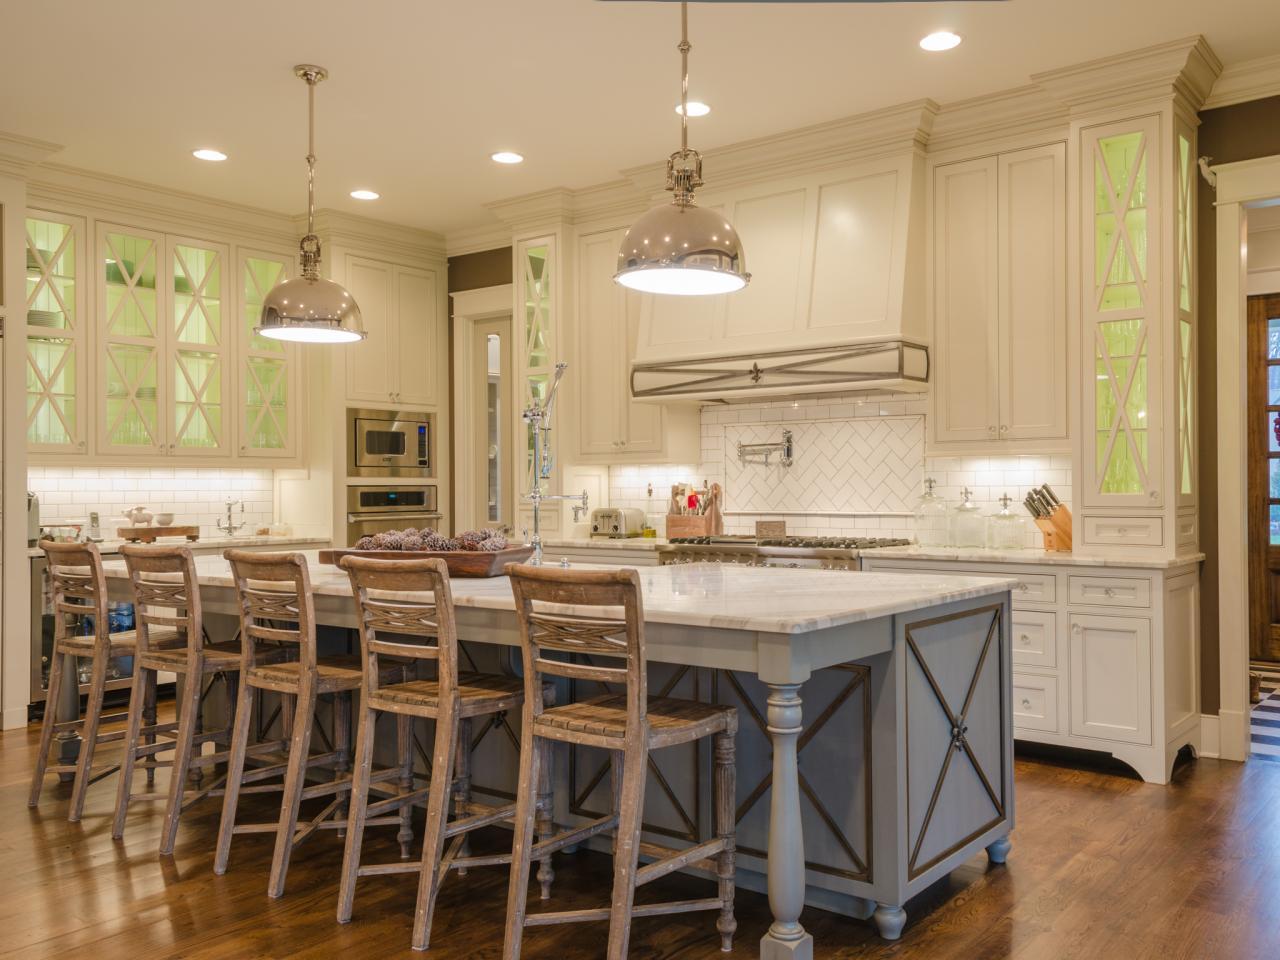 آشپزخانه خود را چگونه طراحی کنیم؟